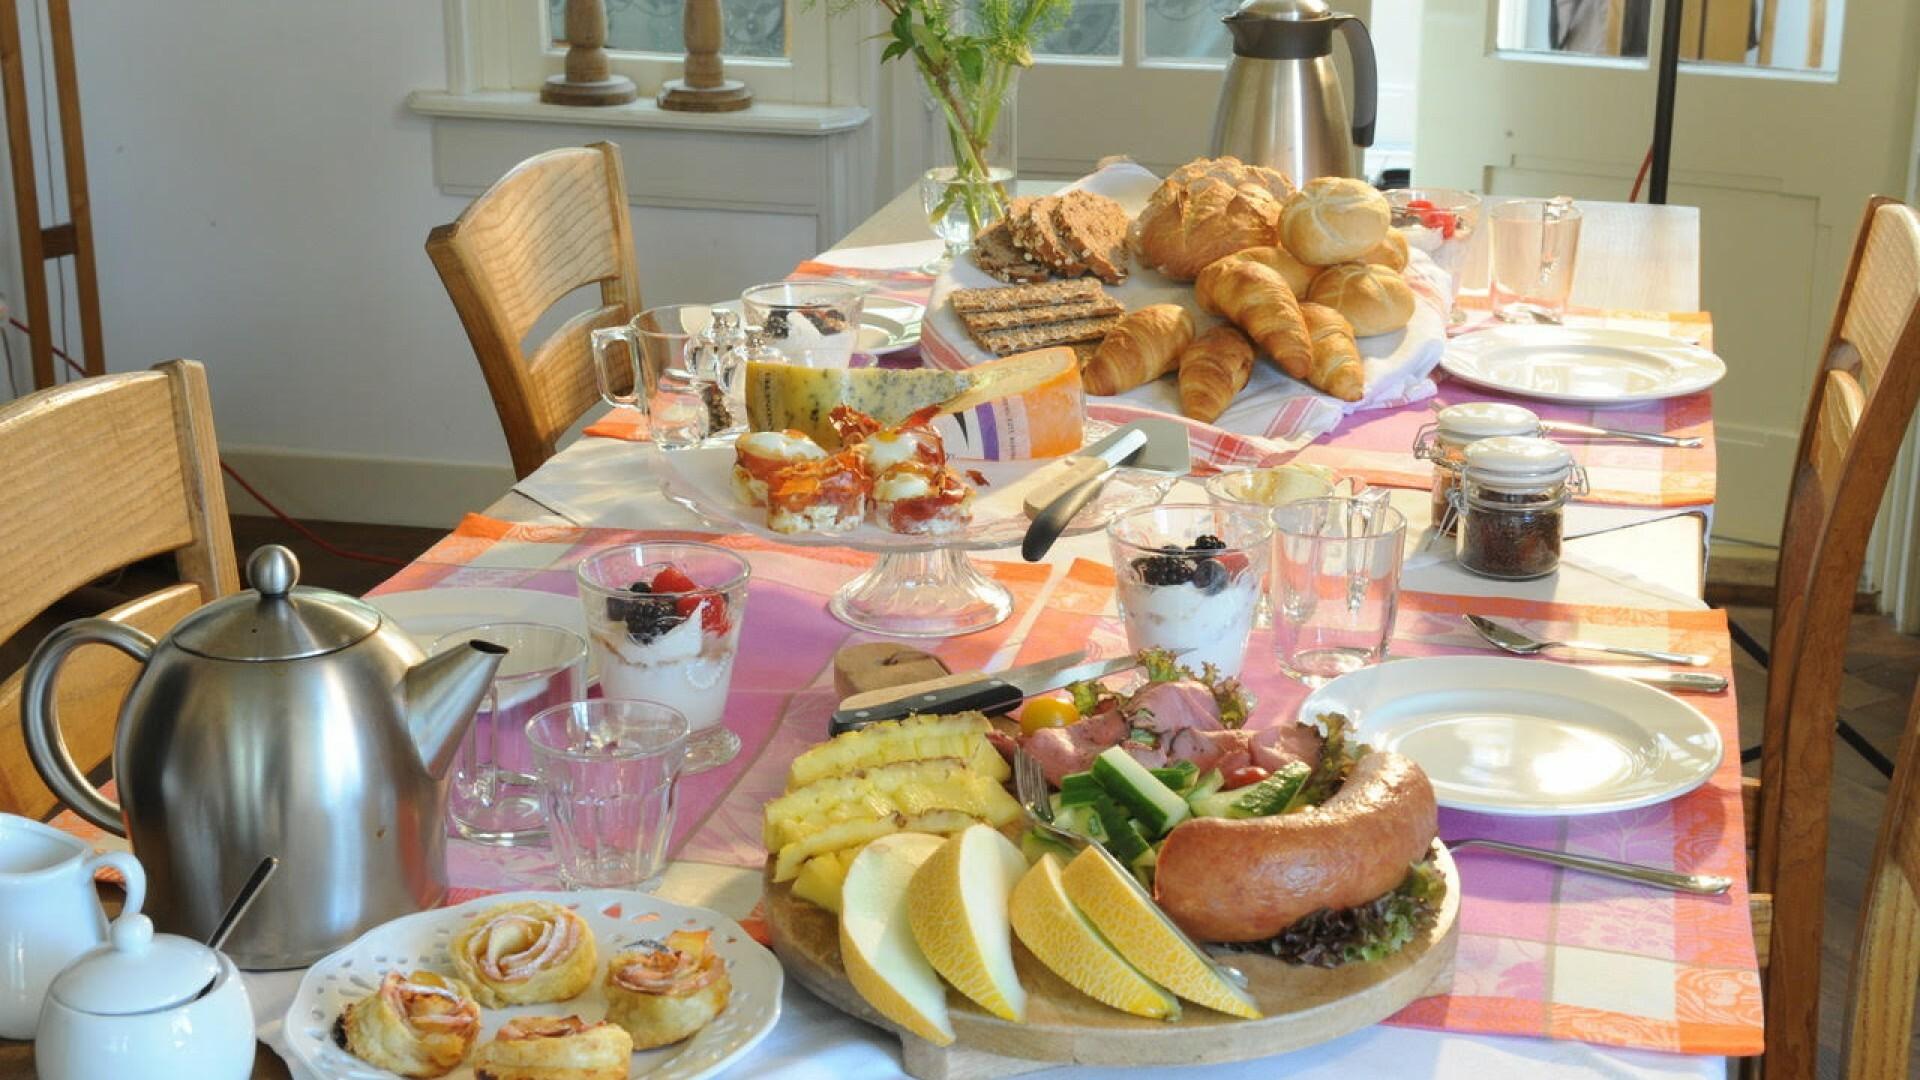 Uitgebreid ontbijt bij Bed and breakfast Bona Dea VVV Texel